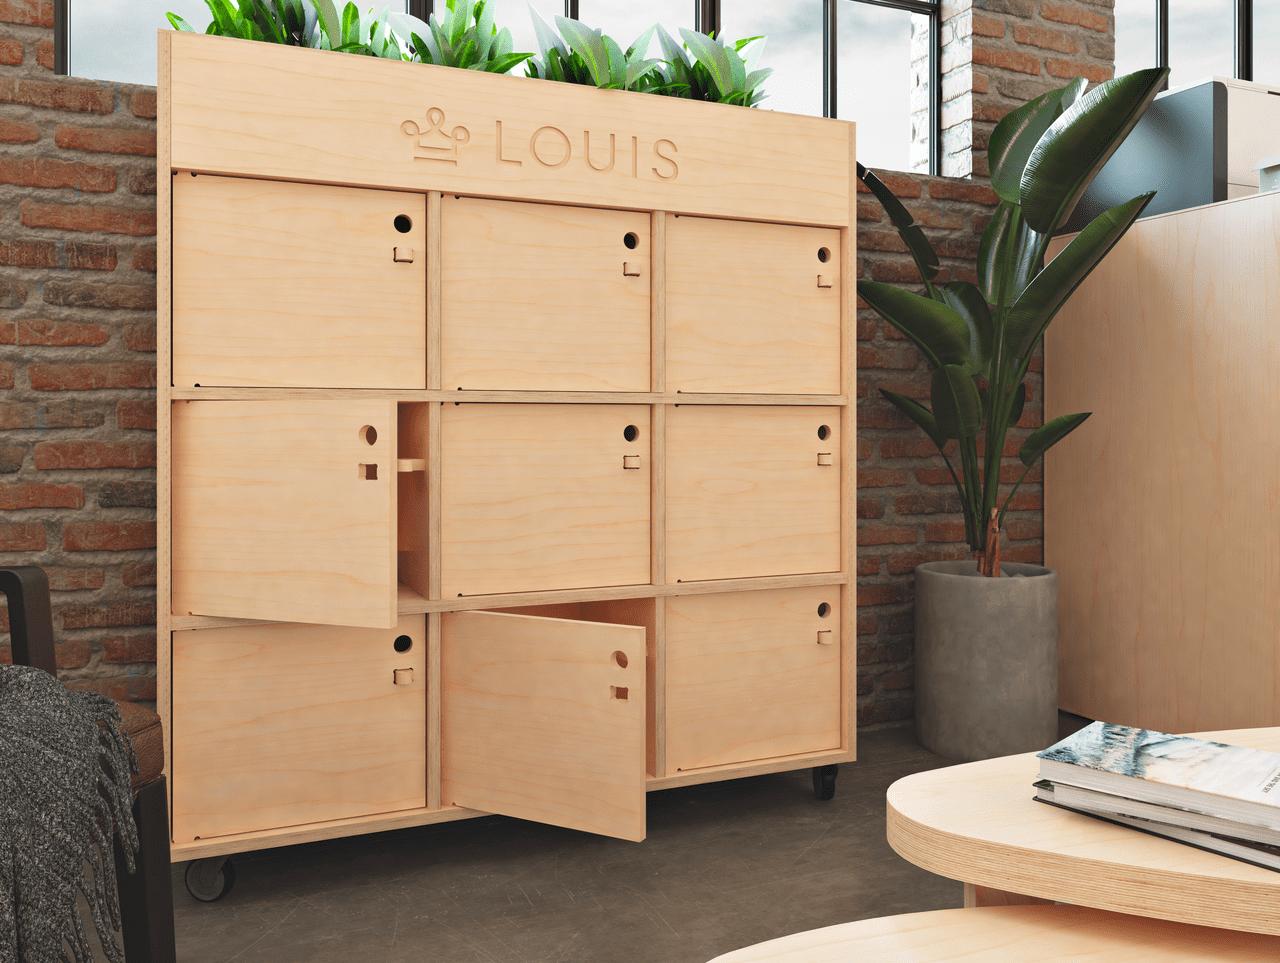 Meuble de rangement pour bureau avec bac à plantes intégré et gravé avec le logo de l'entreprise LOUIS pour apporter verdure et personnalité à cet espace détente à l'ambiance industrielle